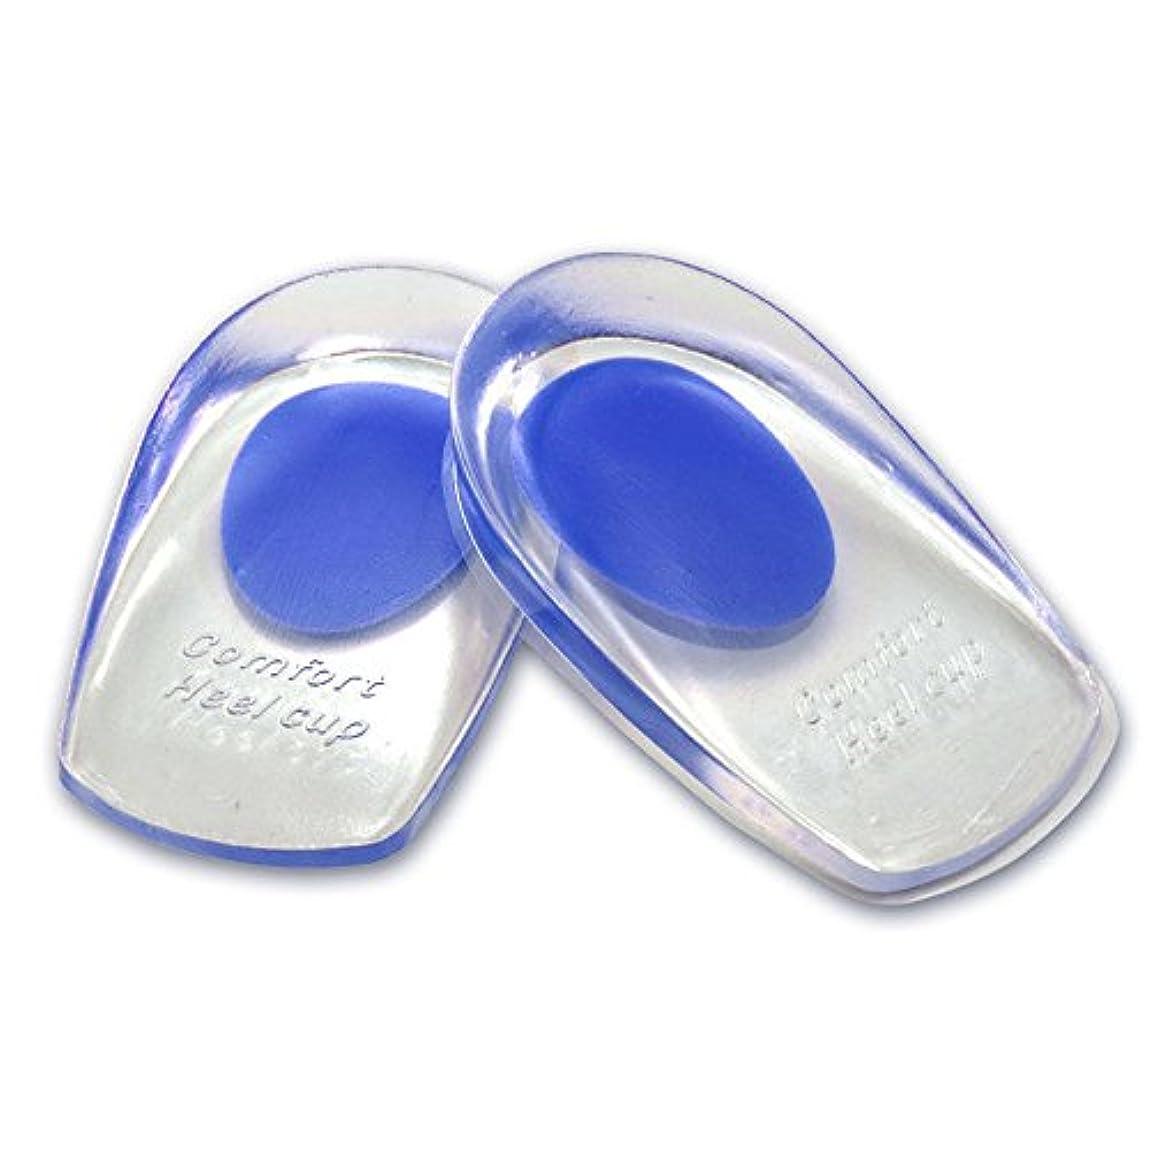 体操選手破壊的顎シリコンヒールカップ かかとの痛み防止に ソフトシリコン製 インソールクッション 衝撃緩和 立体形状 フィット感抜群 FMTMXCA2S (ブルー(靴サイズ24.5~27.5cm用))